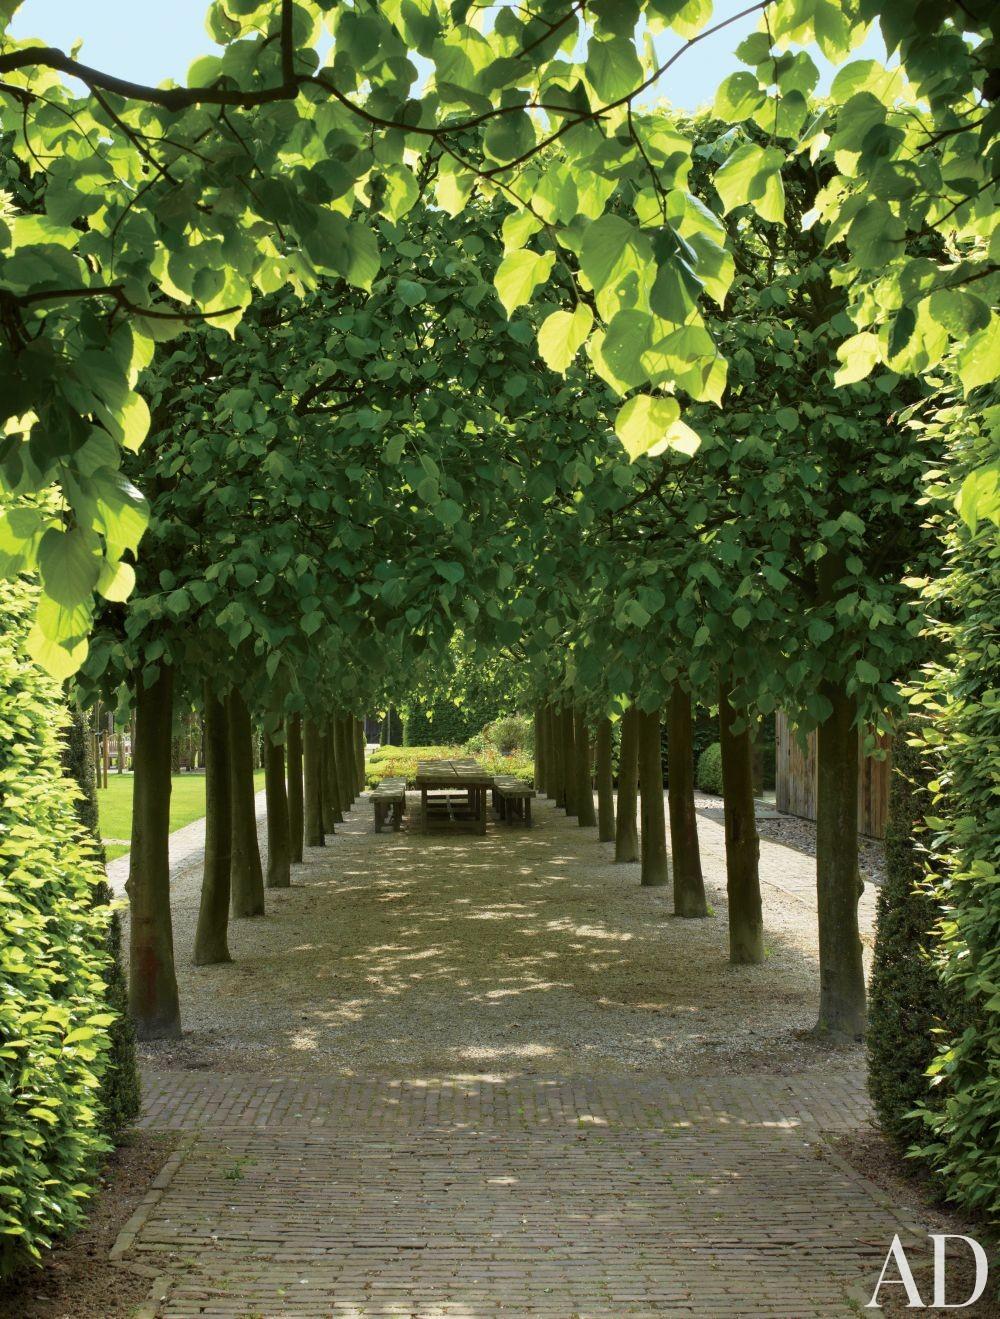 Traditional Outdoor Space by Axel Vervoordt in Belgium